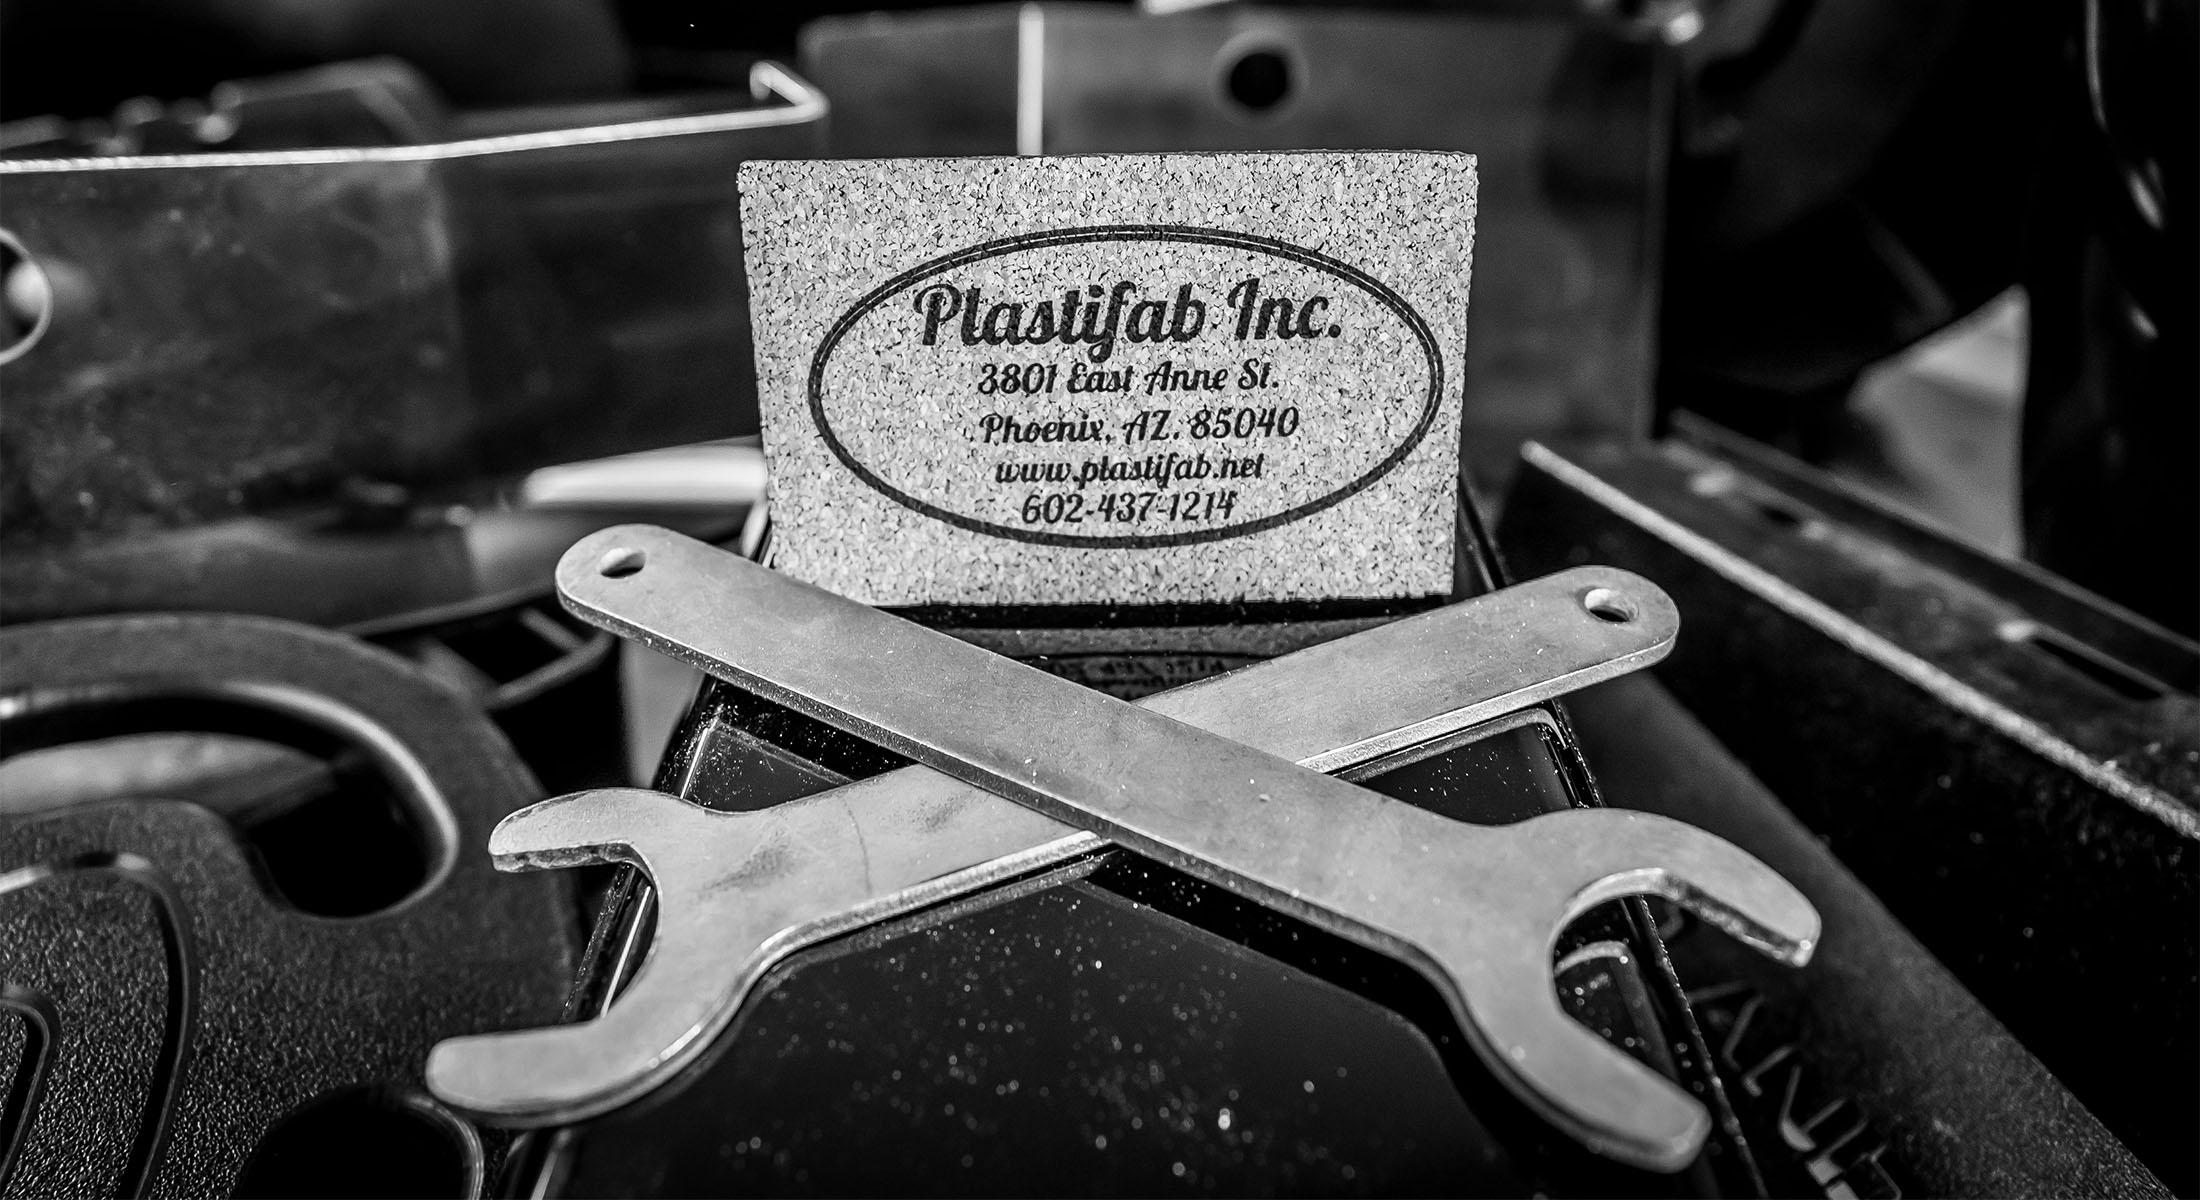 Plastifab Inc - Laser Etching & Engraving